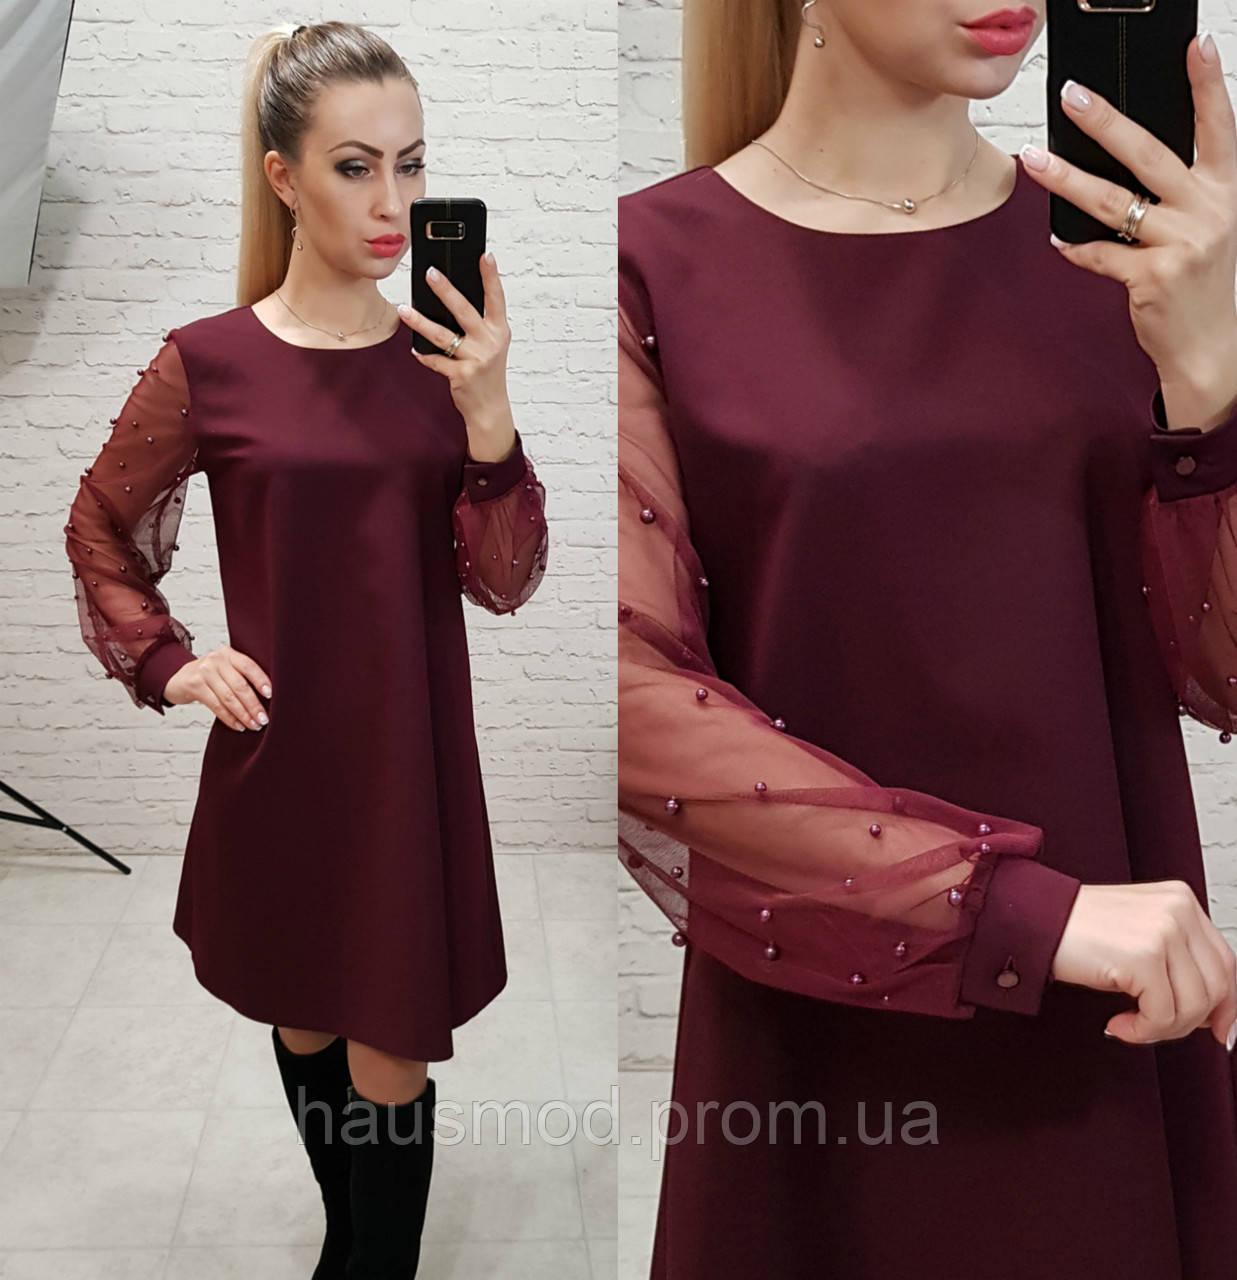 Женское платье бусины трапеция рукав сетка жемчуг бордо